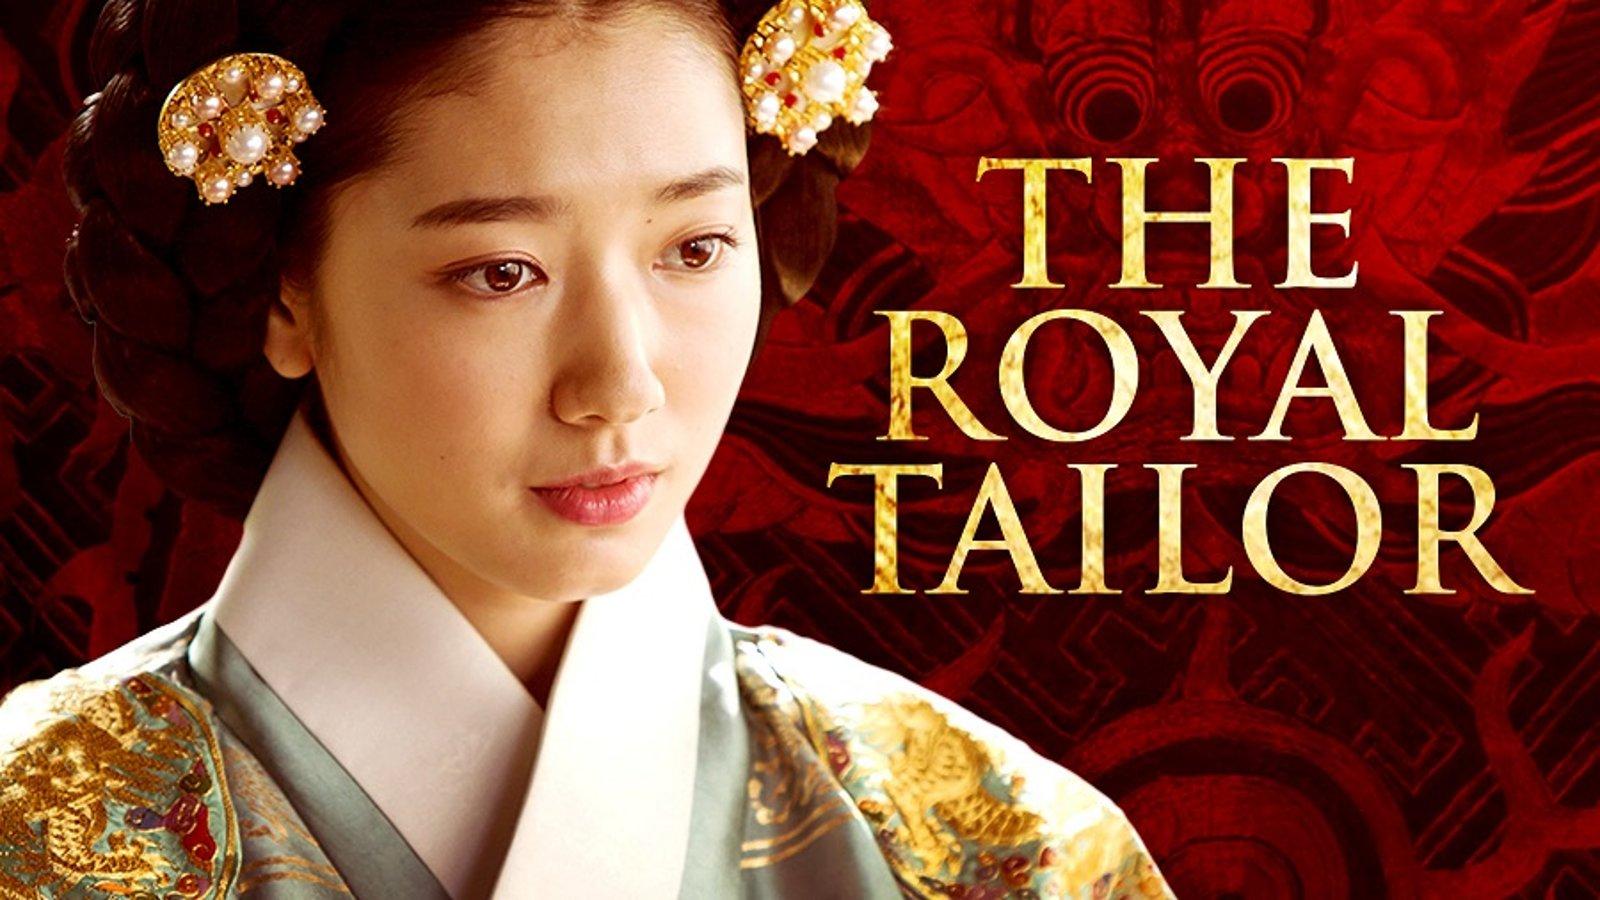 The Royal Tailor - Sang-eui-won